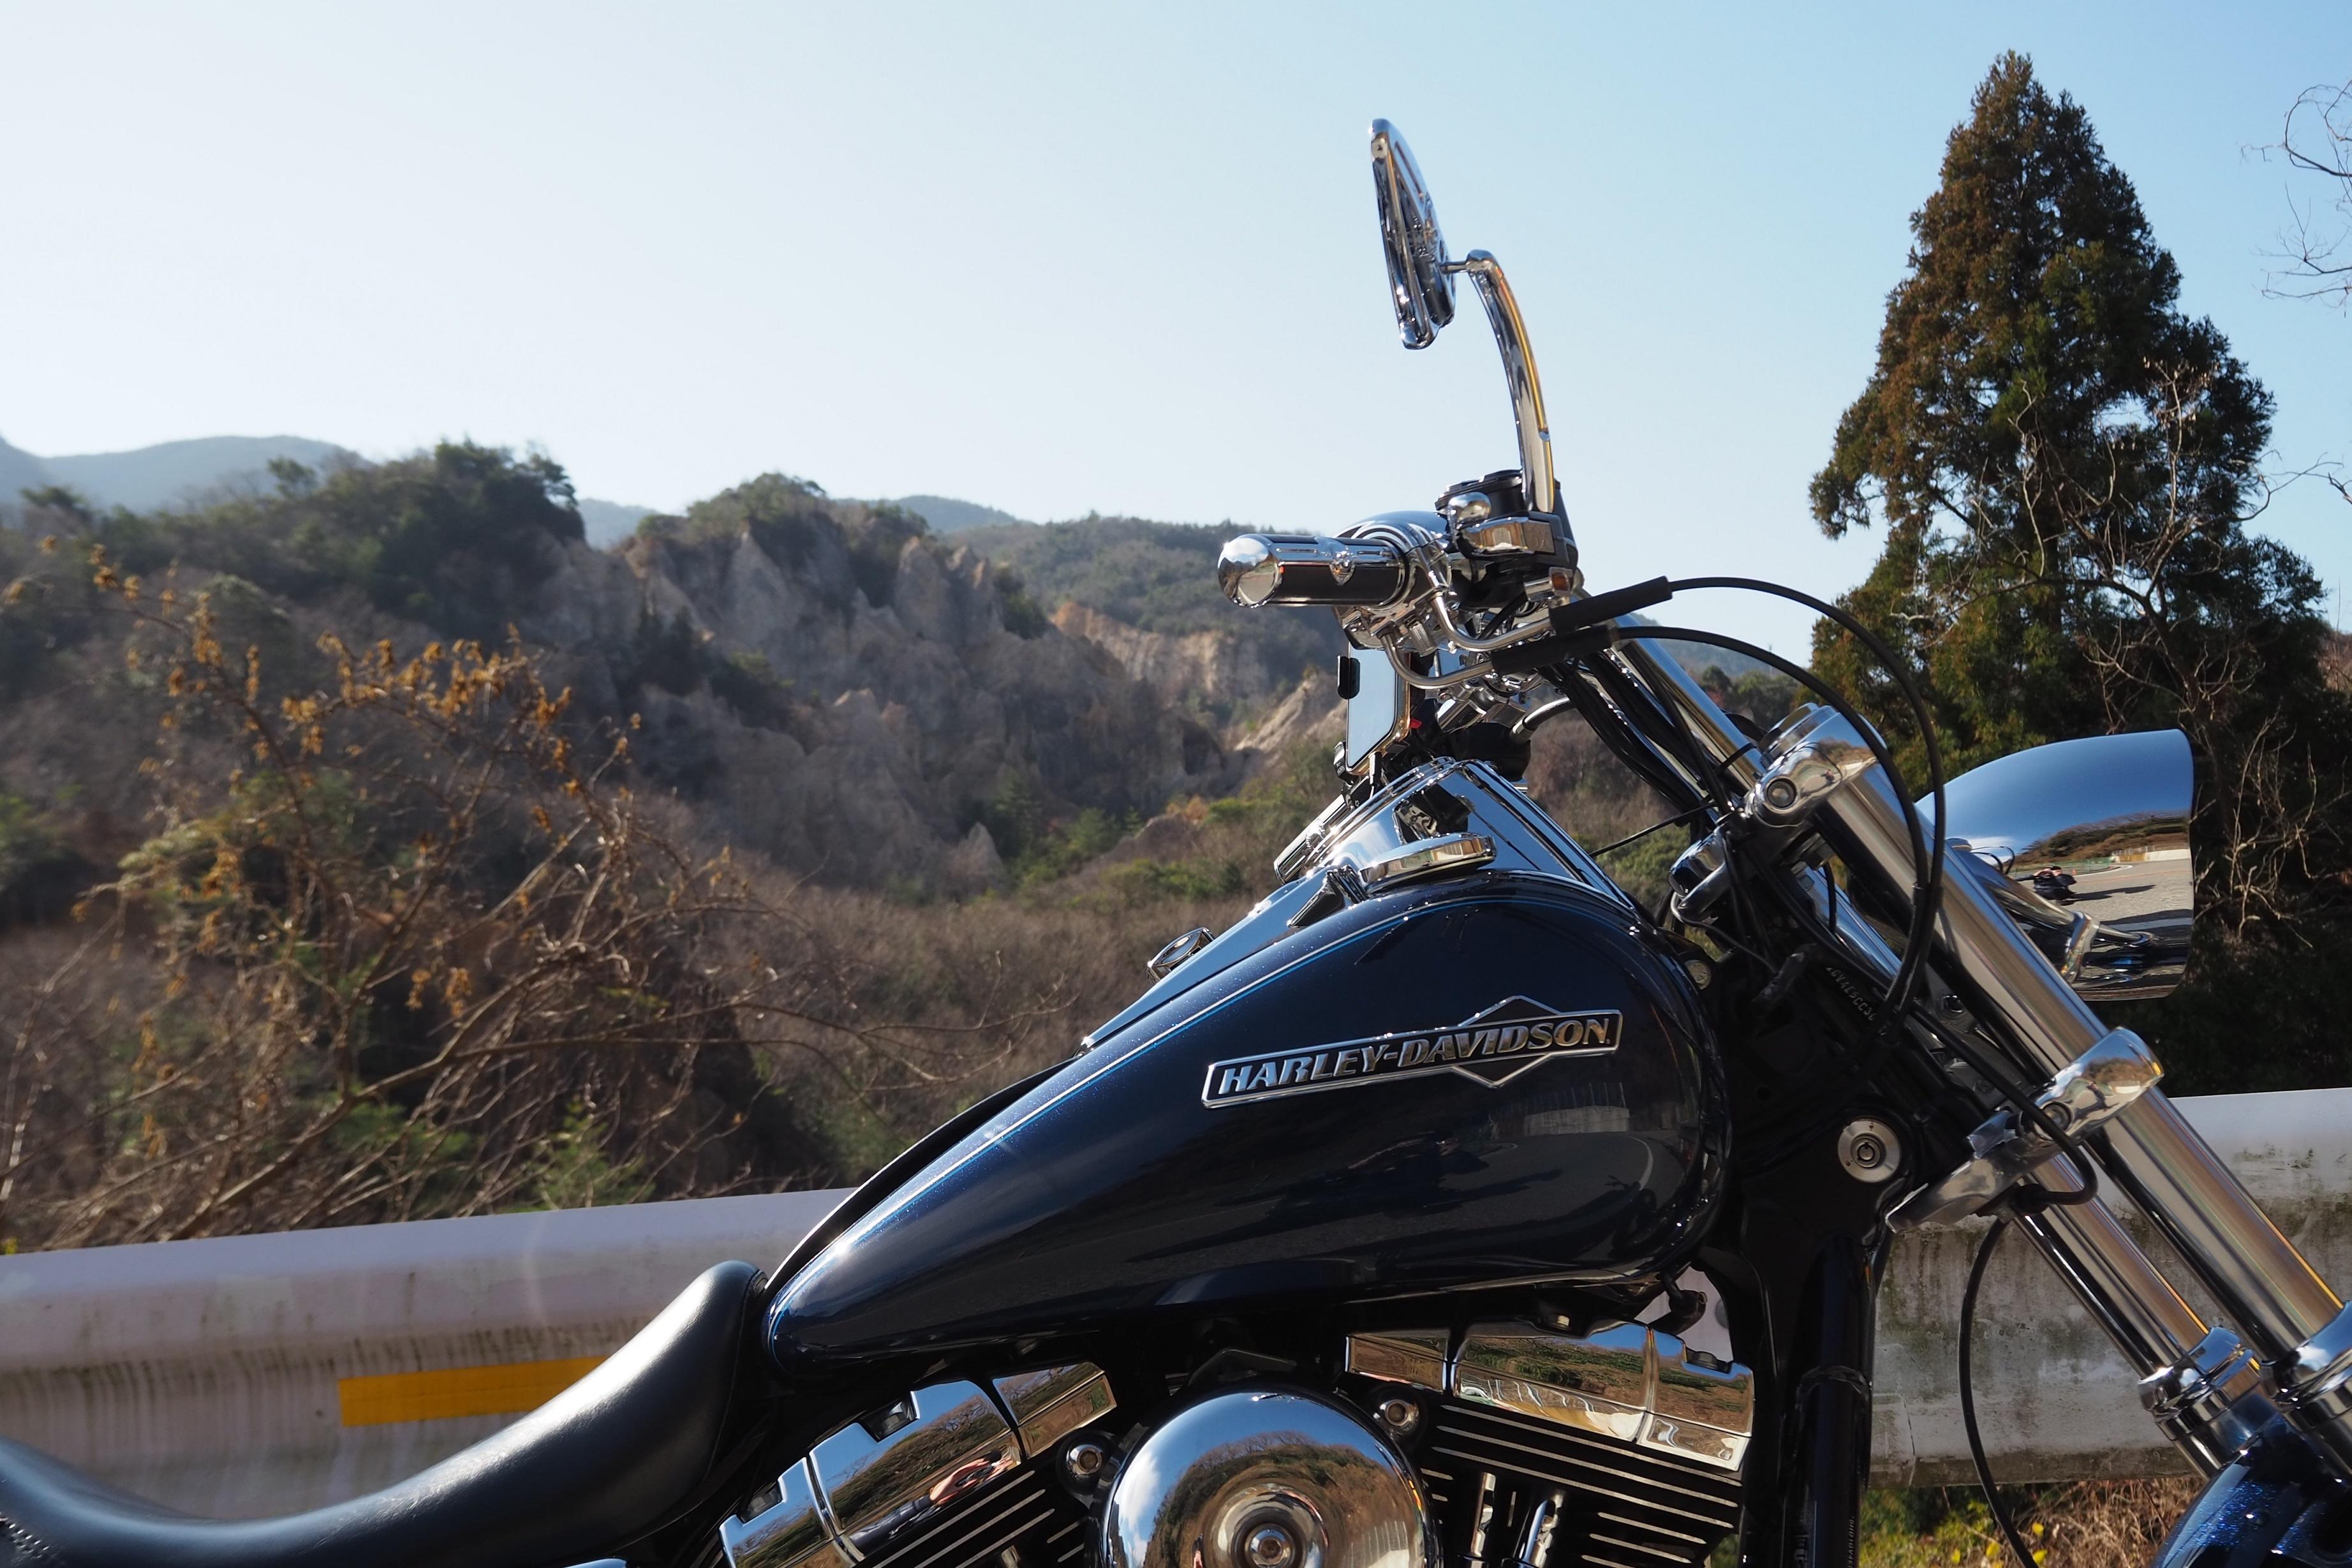 harleydavidson-motorcycle-touring-blog-arima-onsen-hotsprings-way-houraikyou-2.jpg